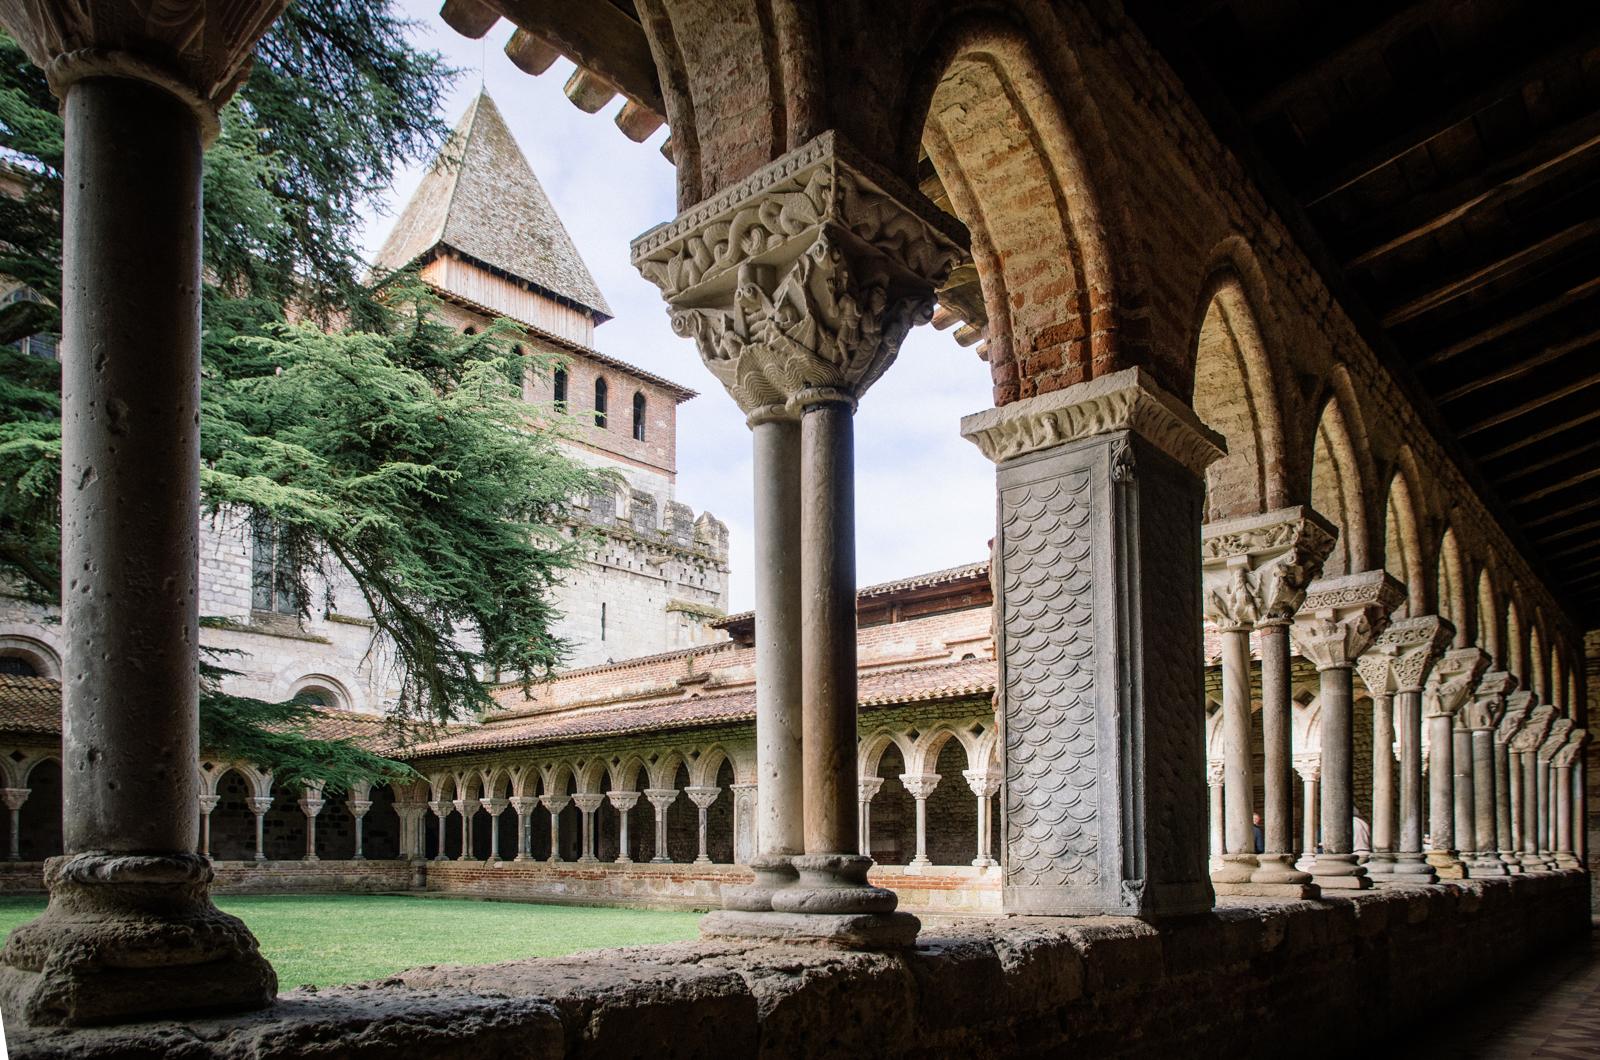 Le cloître de Moissac - carnet de voyage en Tarn-et-Garonne